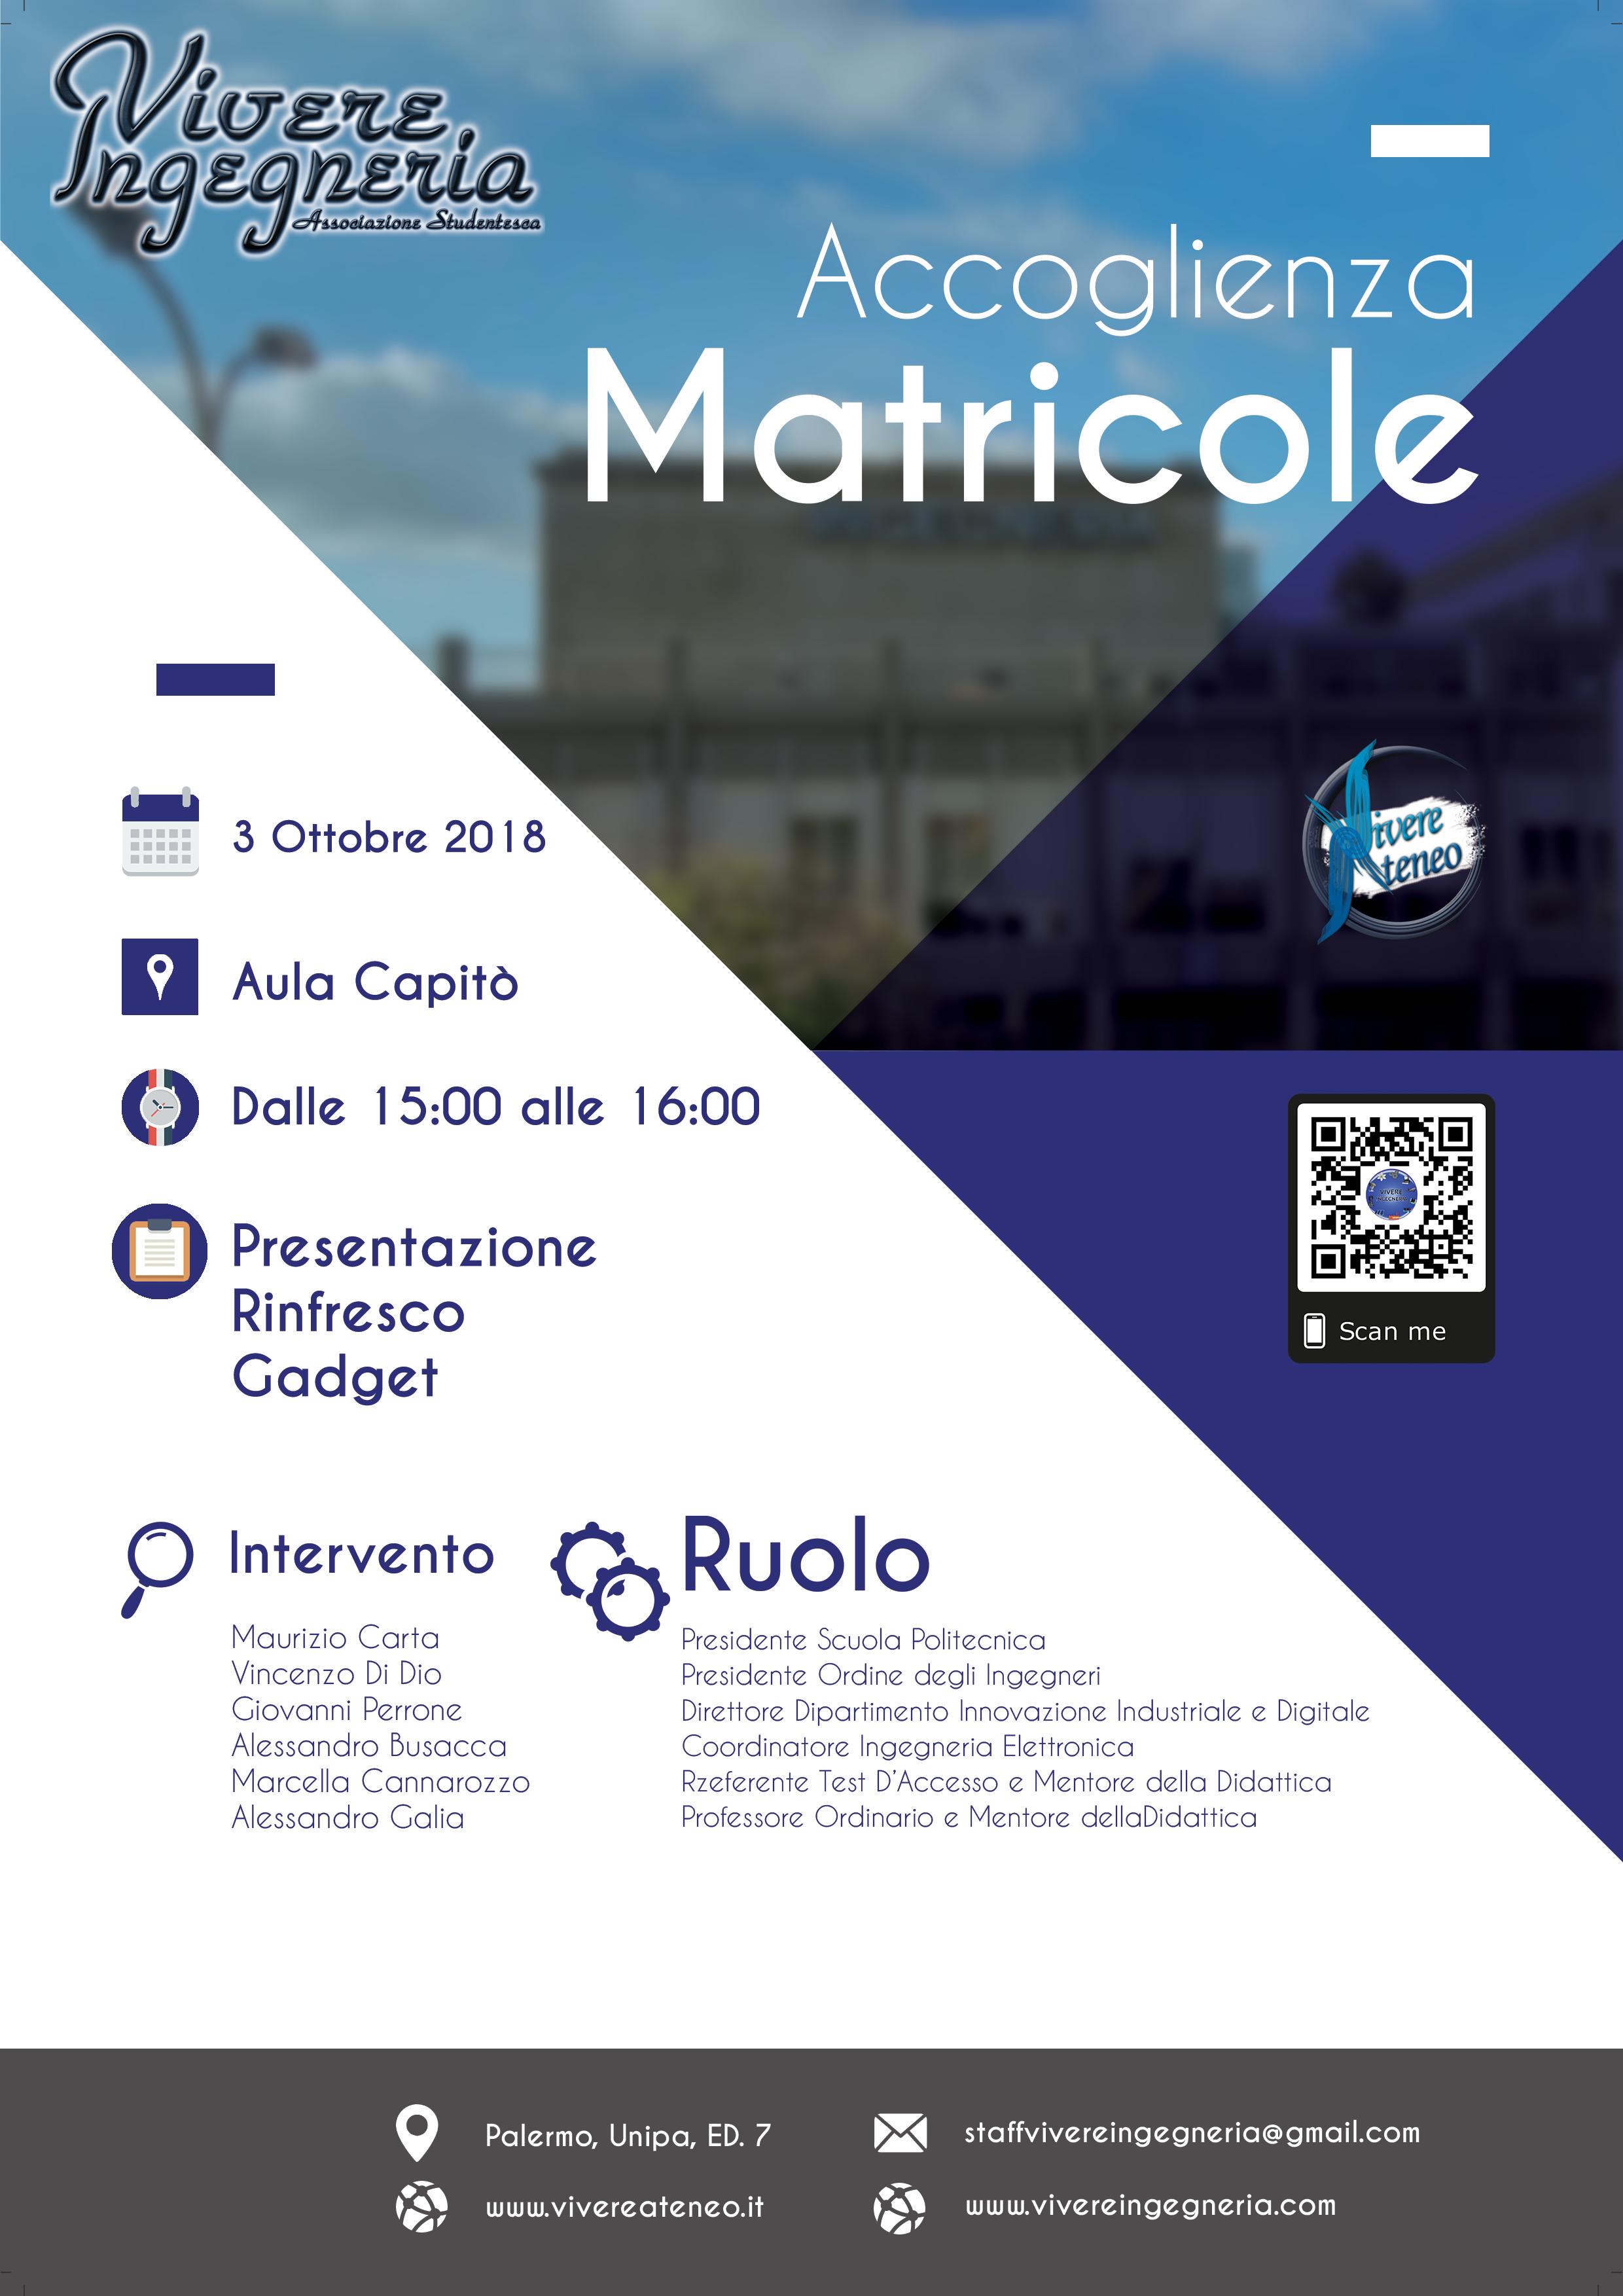 Calendario Didattico Unipa Ingegneria.Accoglienza Matricole Ingegneria 2018 2019 Conferenza